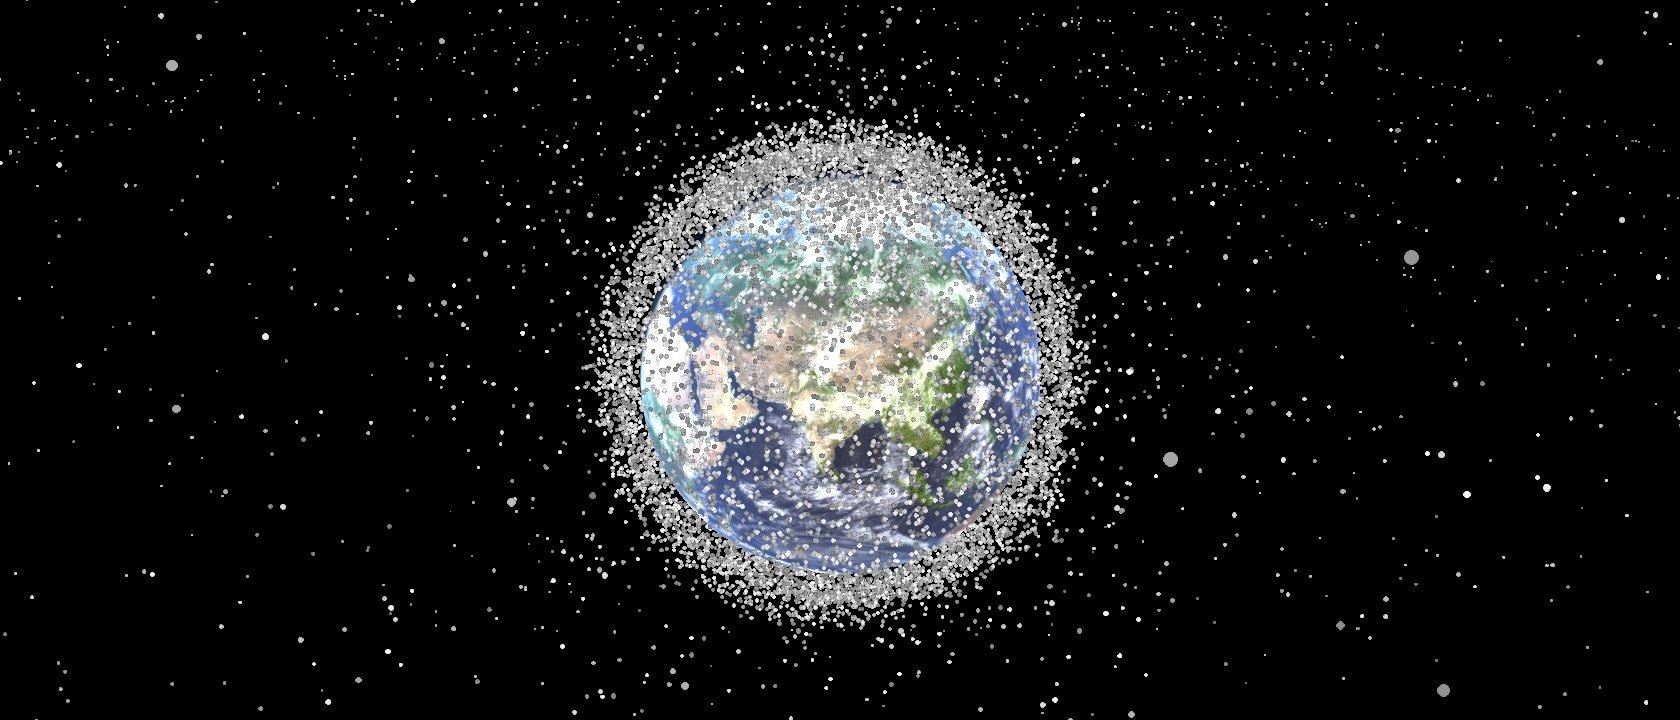 Simulação incrível mostra como a Terra está cercada por detritos espaciais